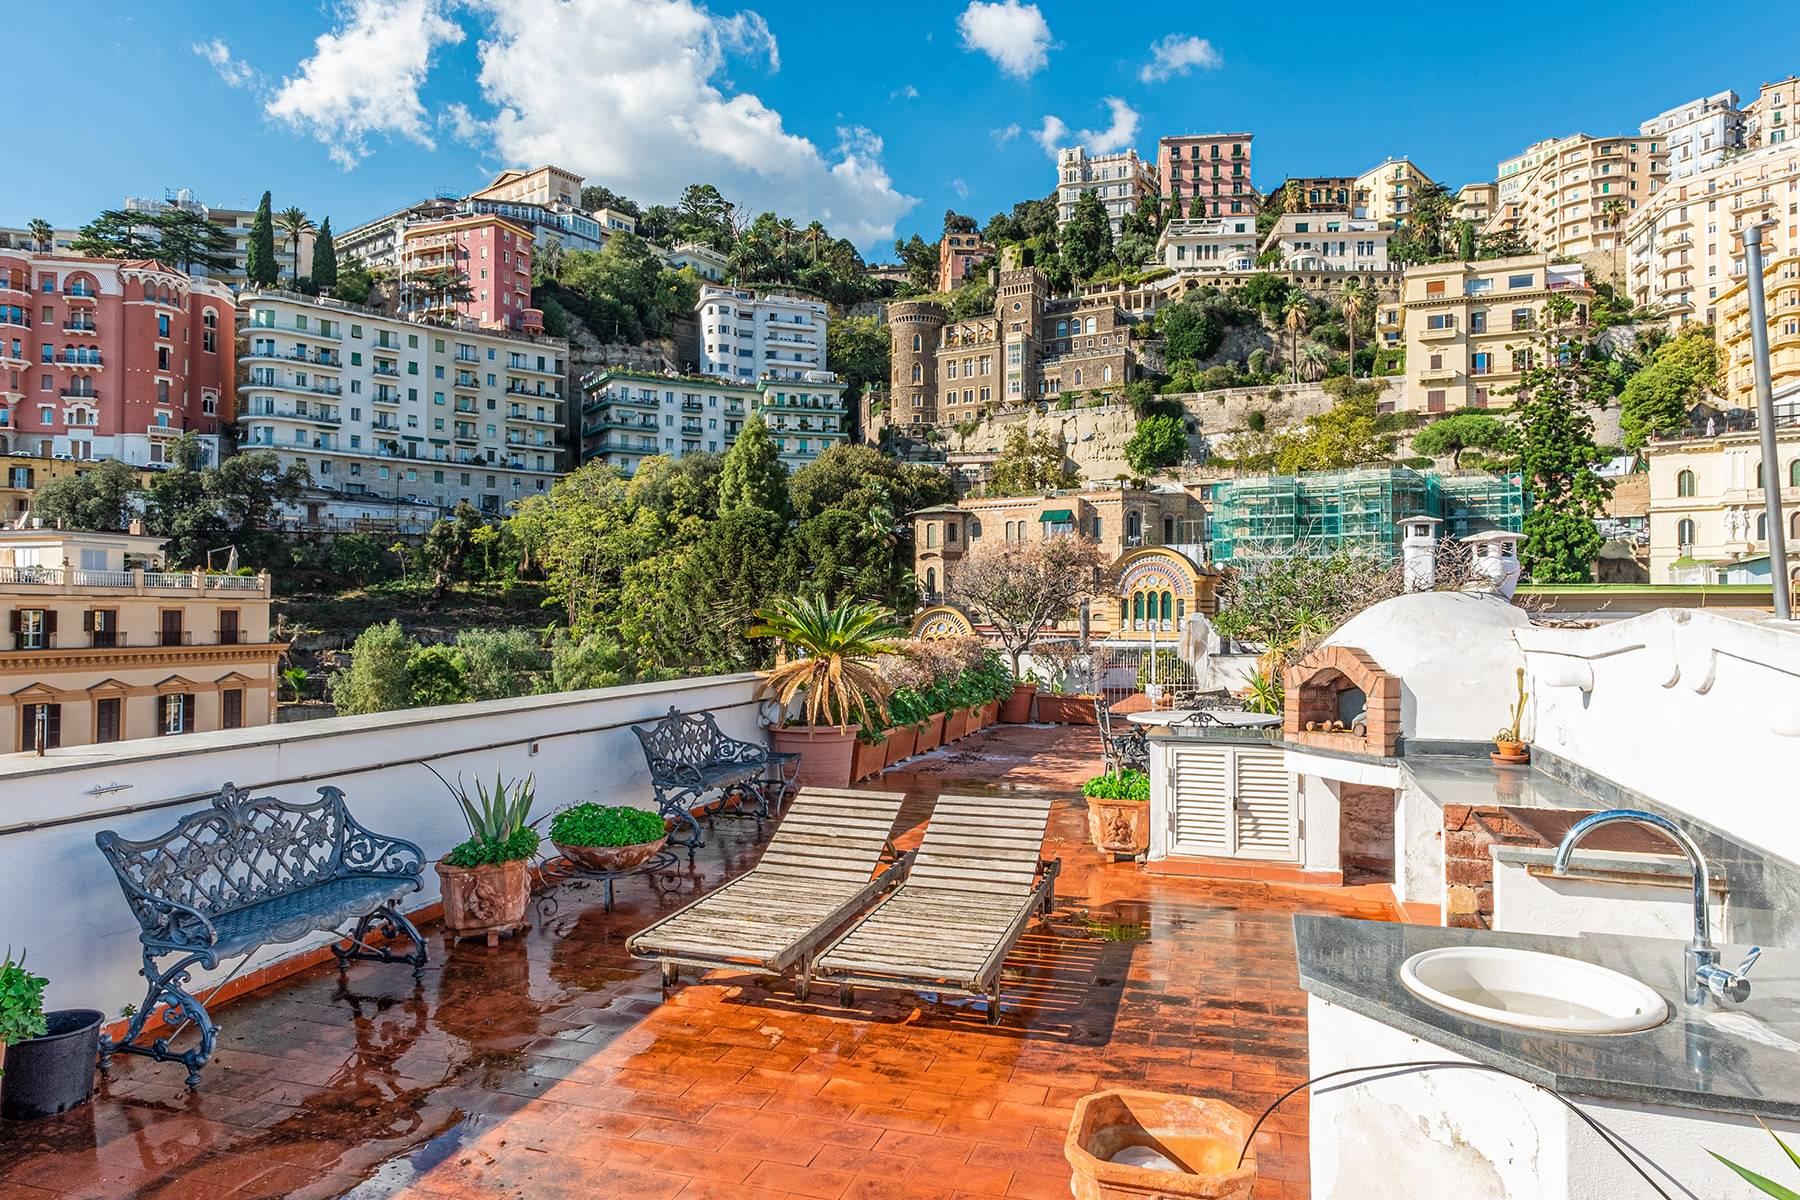 Attico in Vendita a Napoli: 5 locali, 430 mq - Foto 13